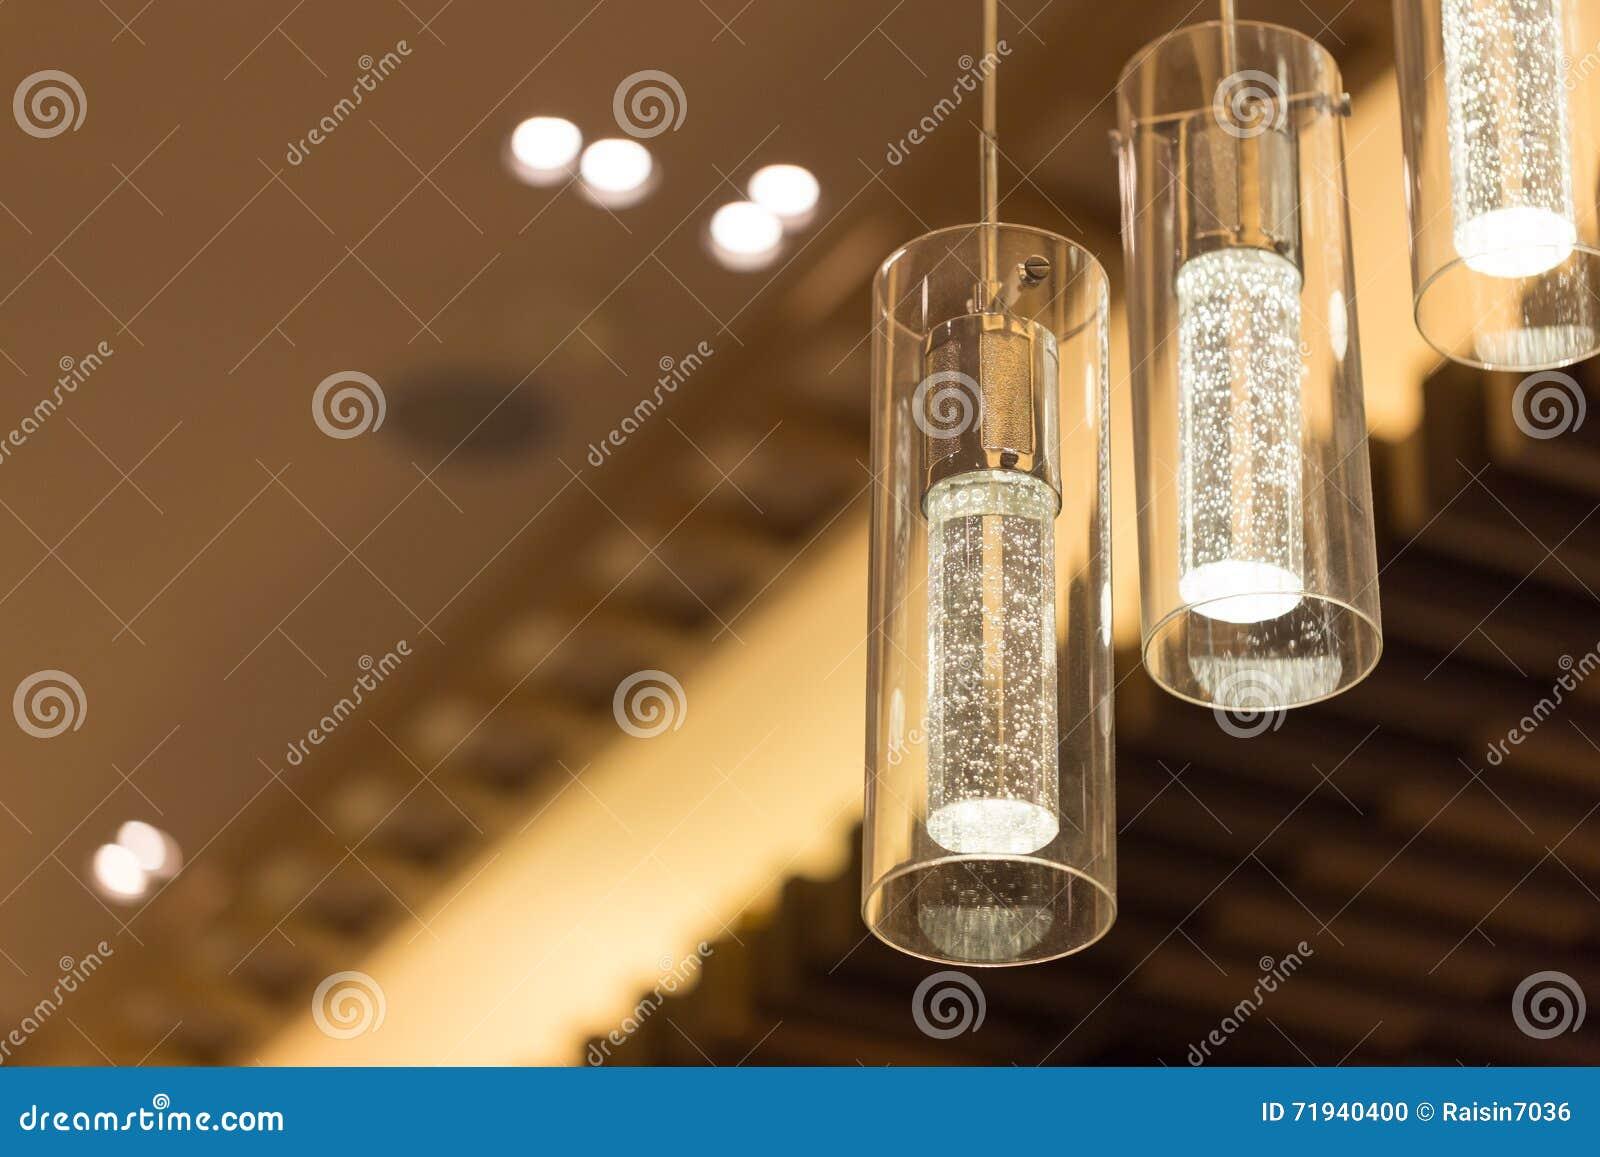 Свет для украшает или дизайн интерьера с теплым тоном